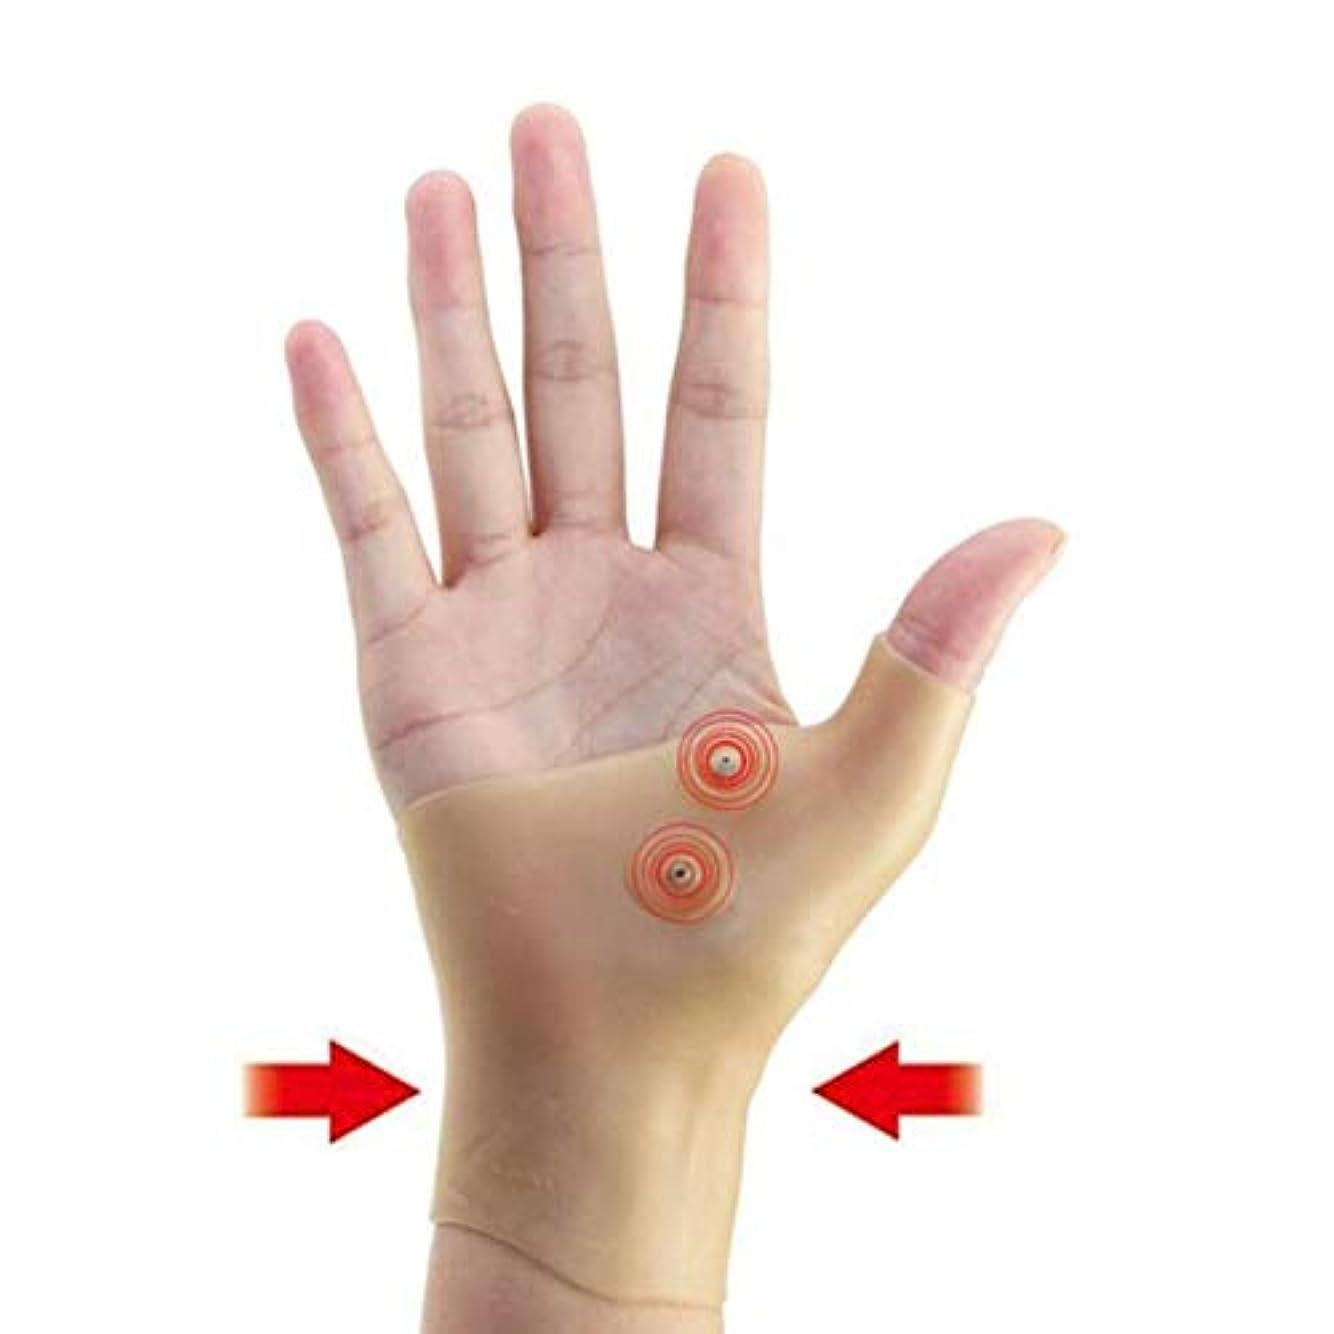 学習者散る汚染する磁気療法手首手親指サポート手袋シリコーンゲル関節炎圧力矯正器マッサージ痛み緩和手袋 - 肌の色